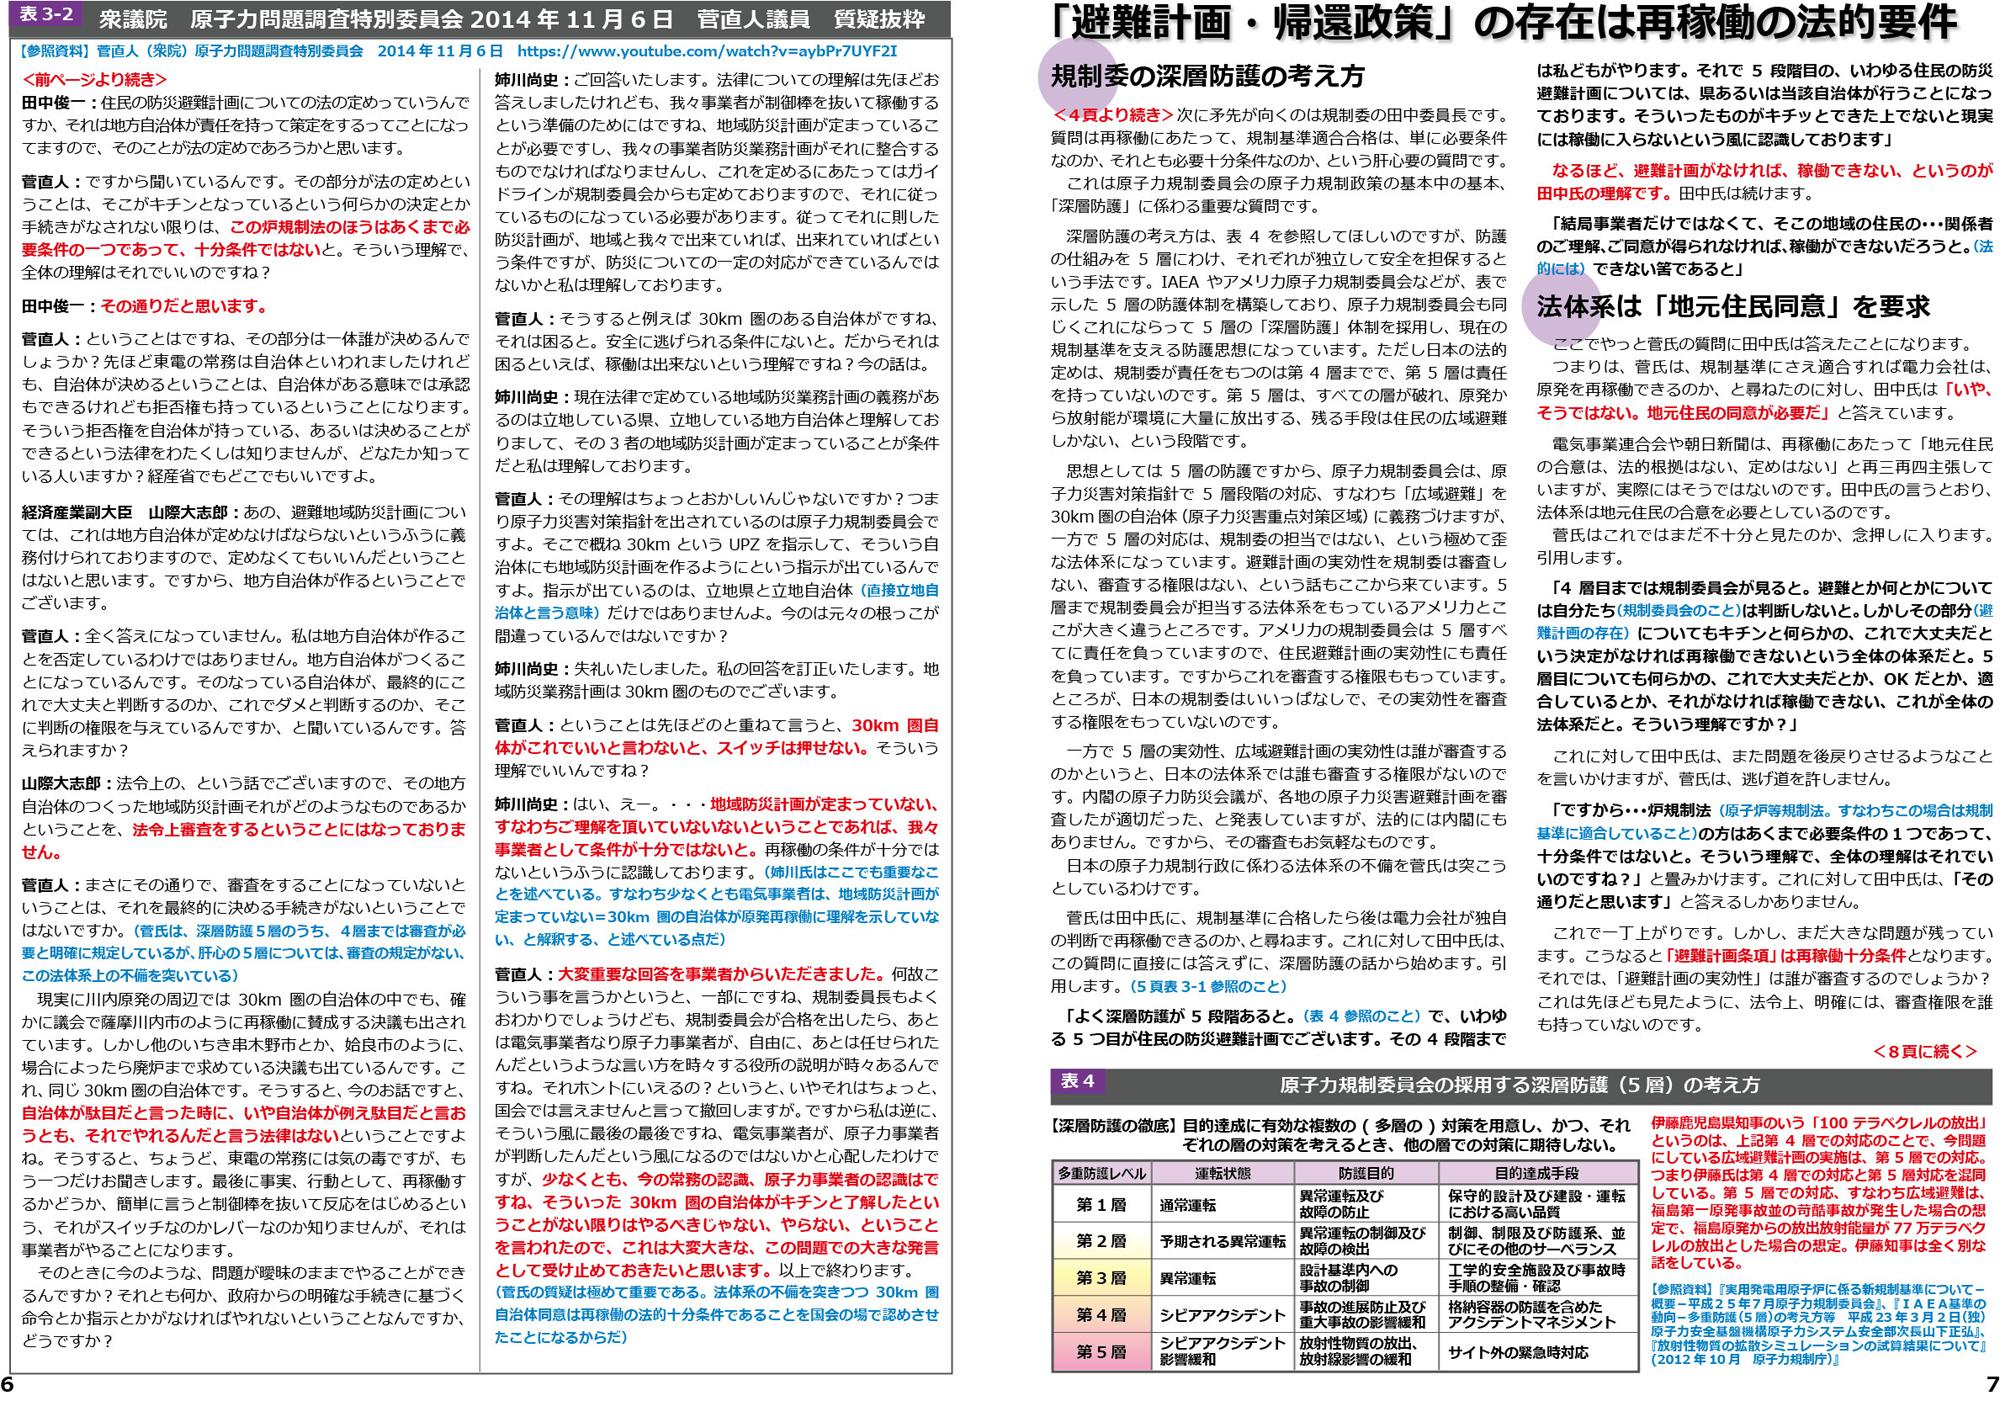 ファイル 358-4.jpg